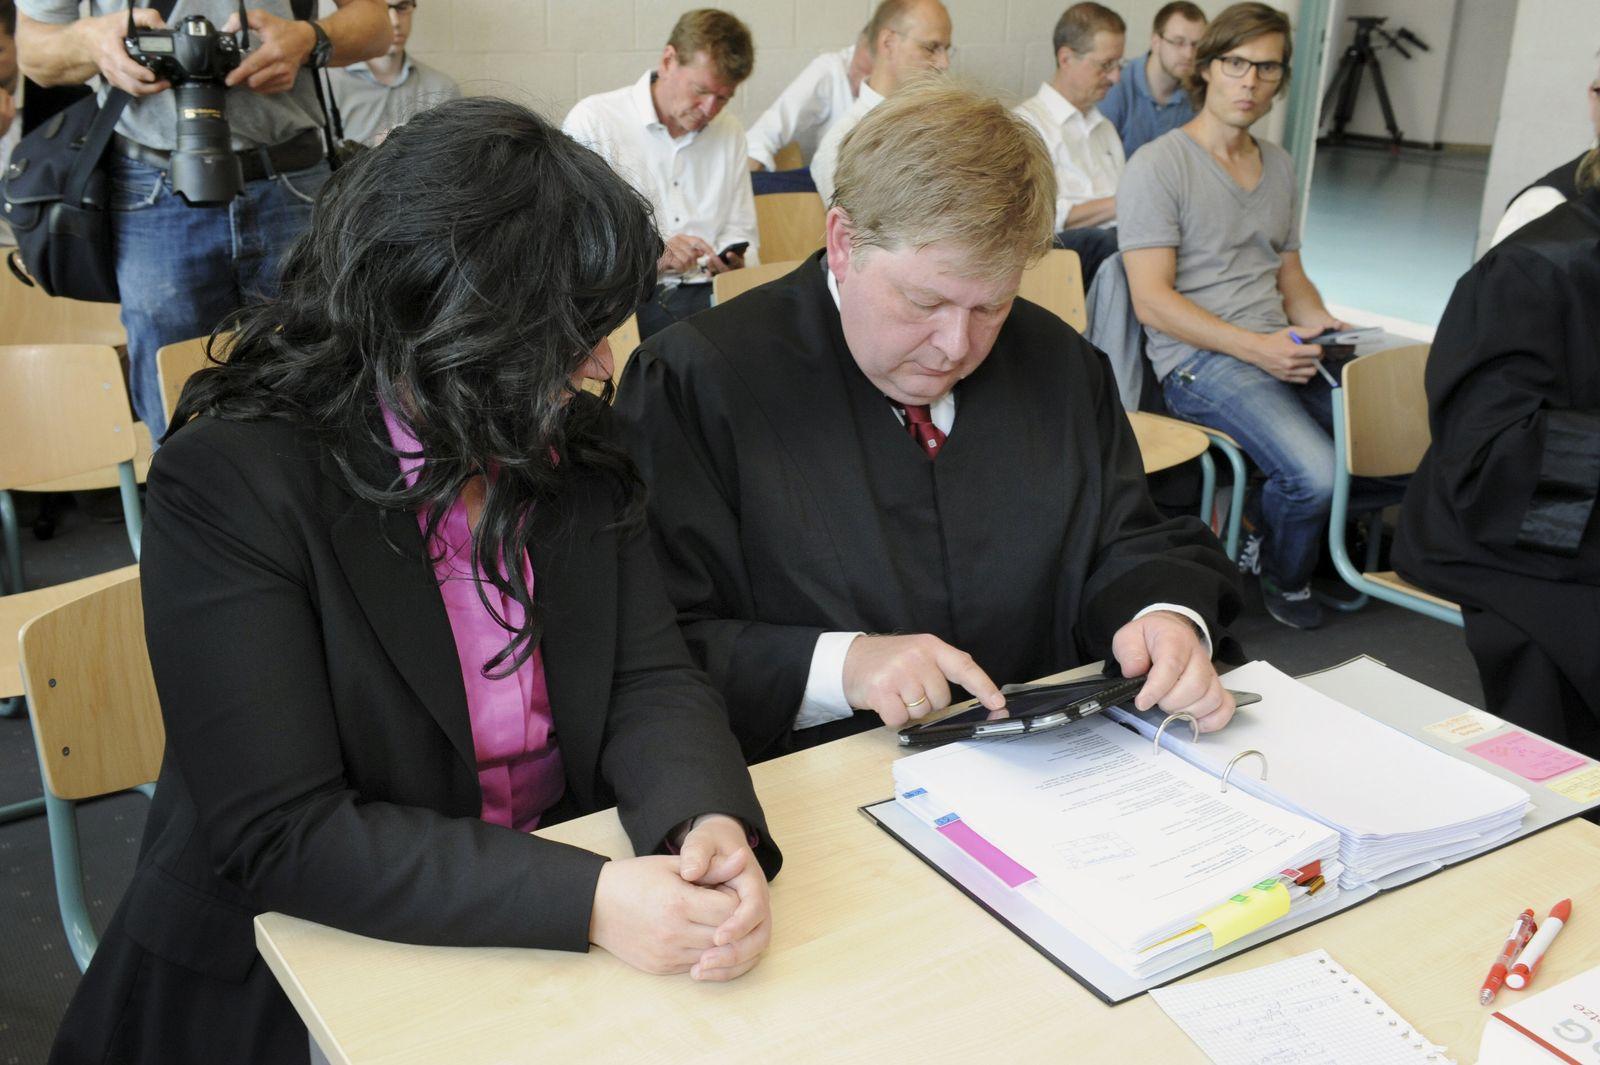 Prozess Darmstadt Bewerberin dick Übergewicht Diskriminierung